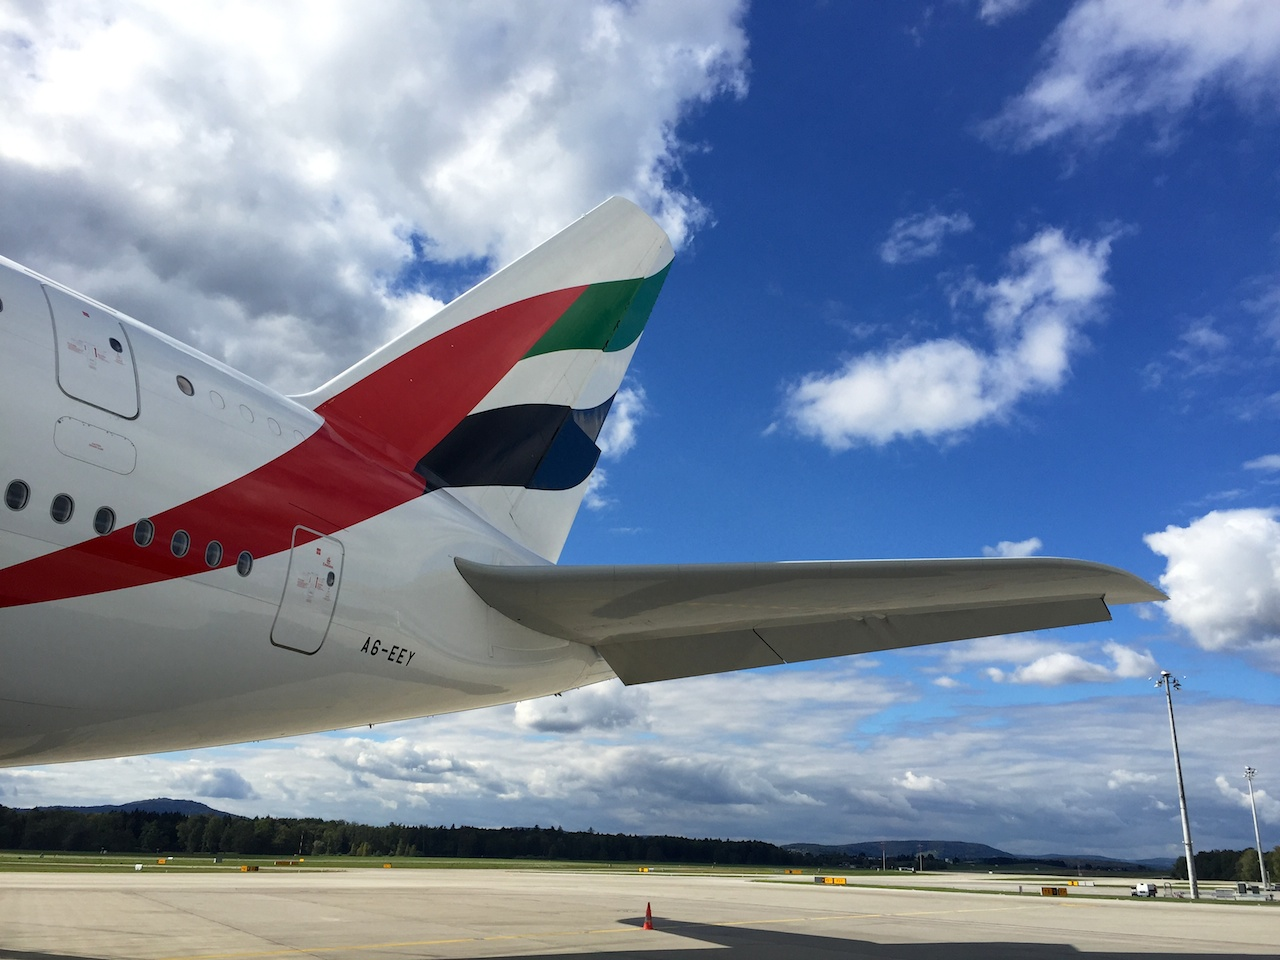 DIe Heckflosse des A380 reckt sich 24 Meter in die Höhe.